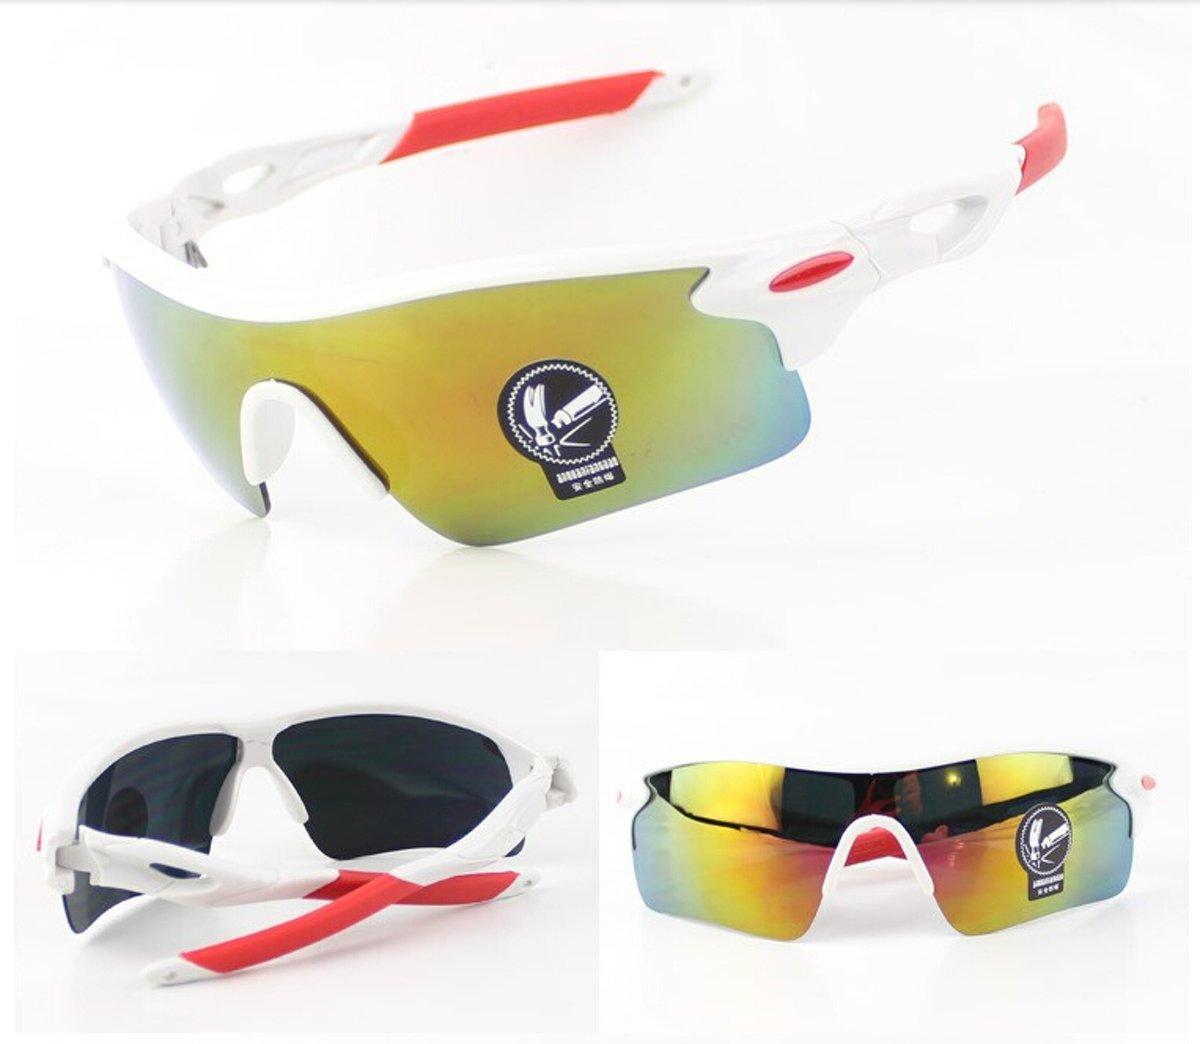 Wielren - Schaats - Ski & Snowboard Bril - Volwassenen - Fietsbril - Multicolour